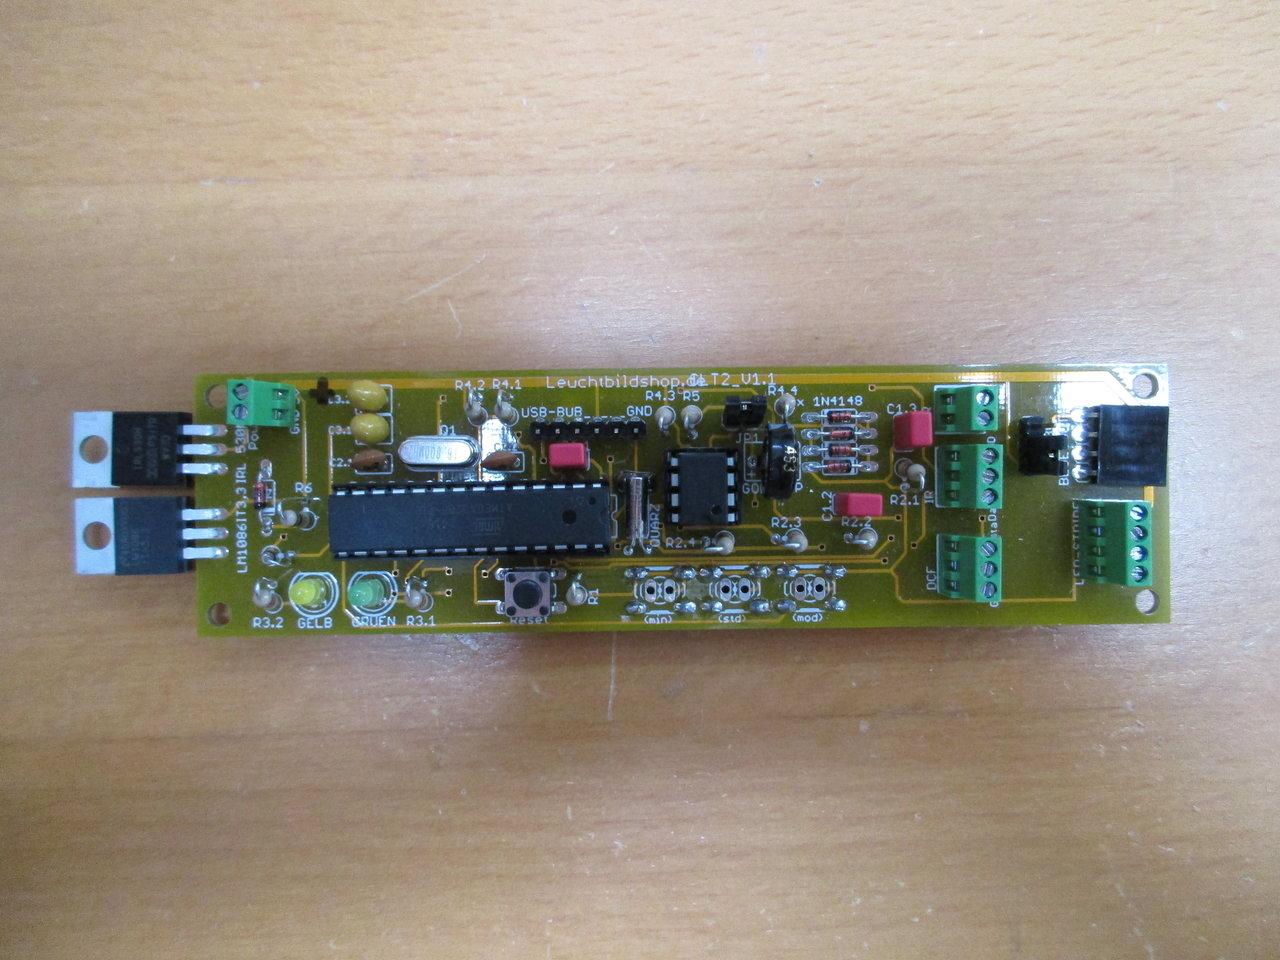 Bausatz Platine CLT2 komplett mit Atmega 328P-PU - Leuchtbildshop.de